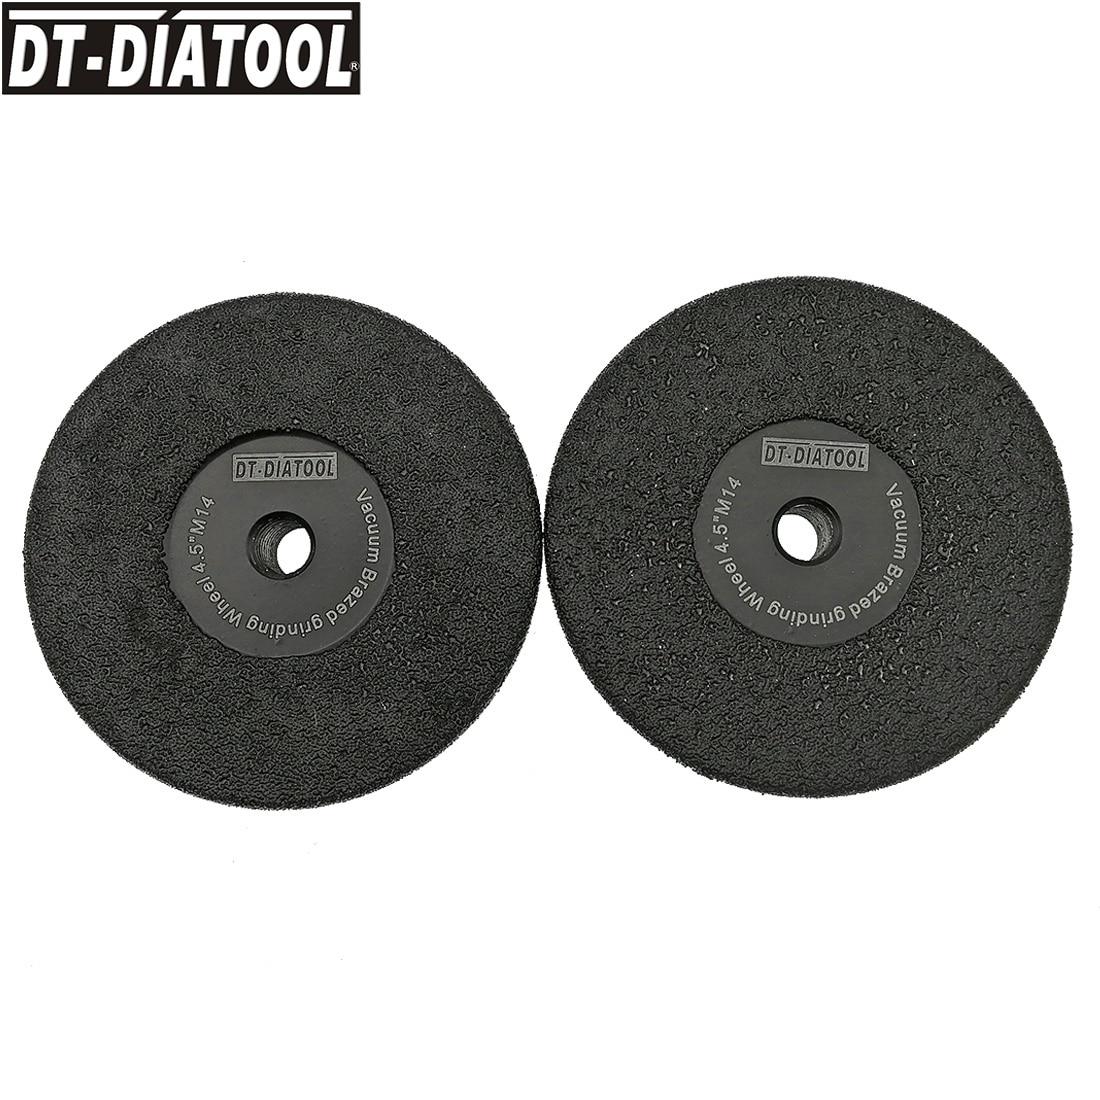 DT-DIATOOL 2 unités Dia 4.5